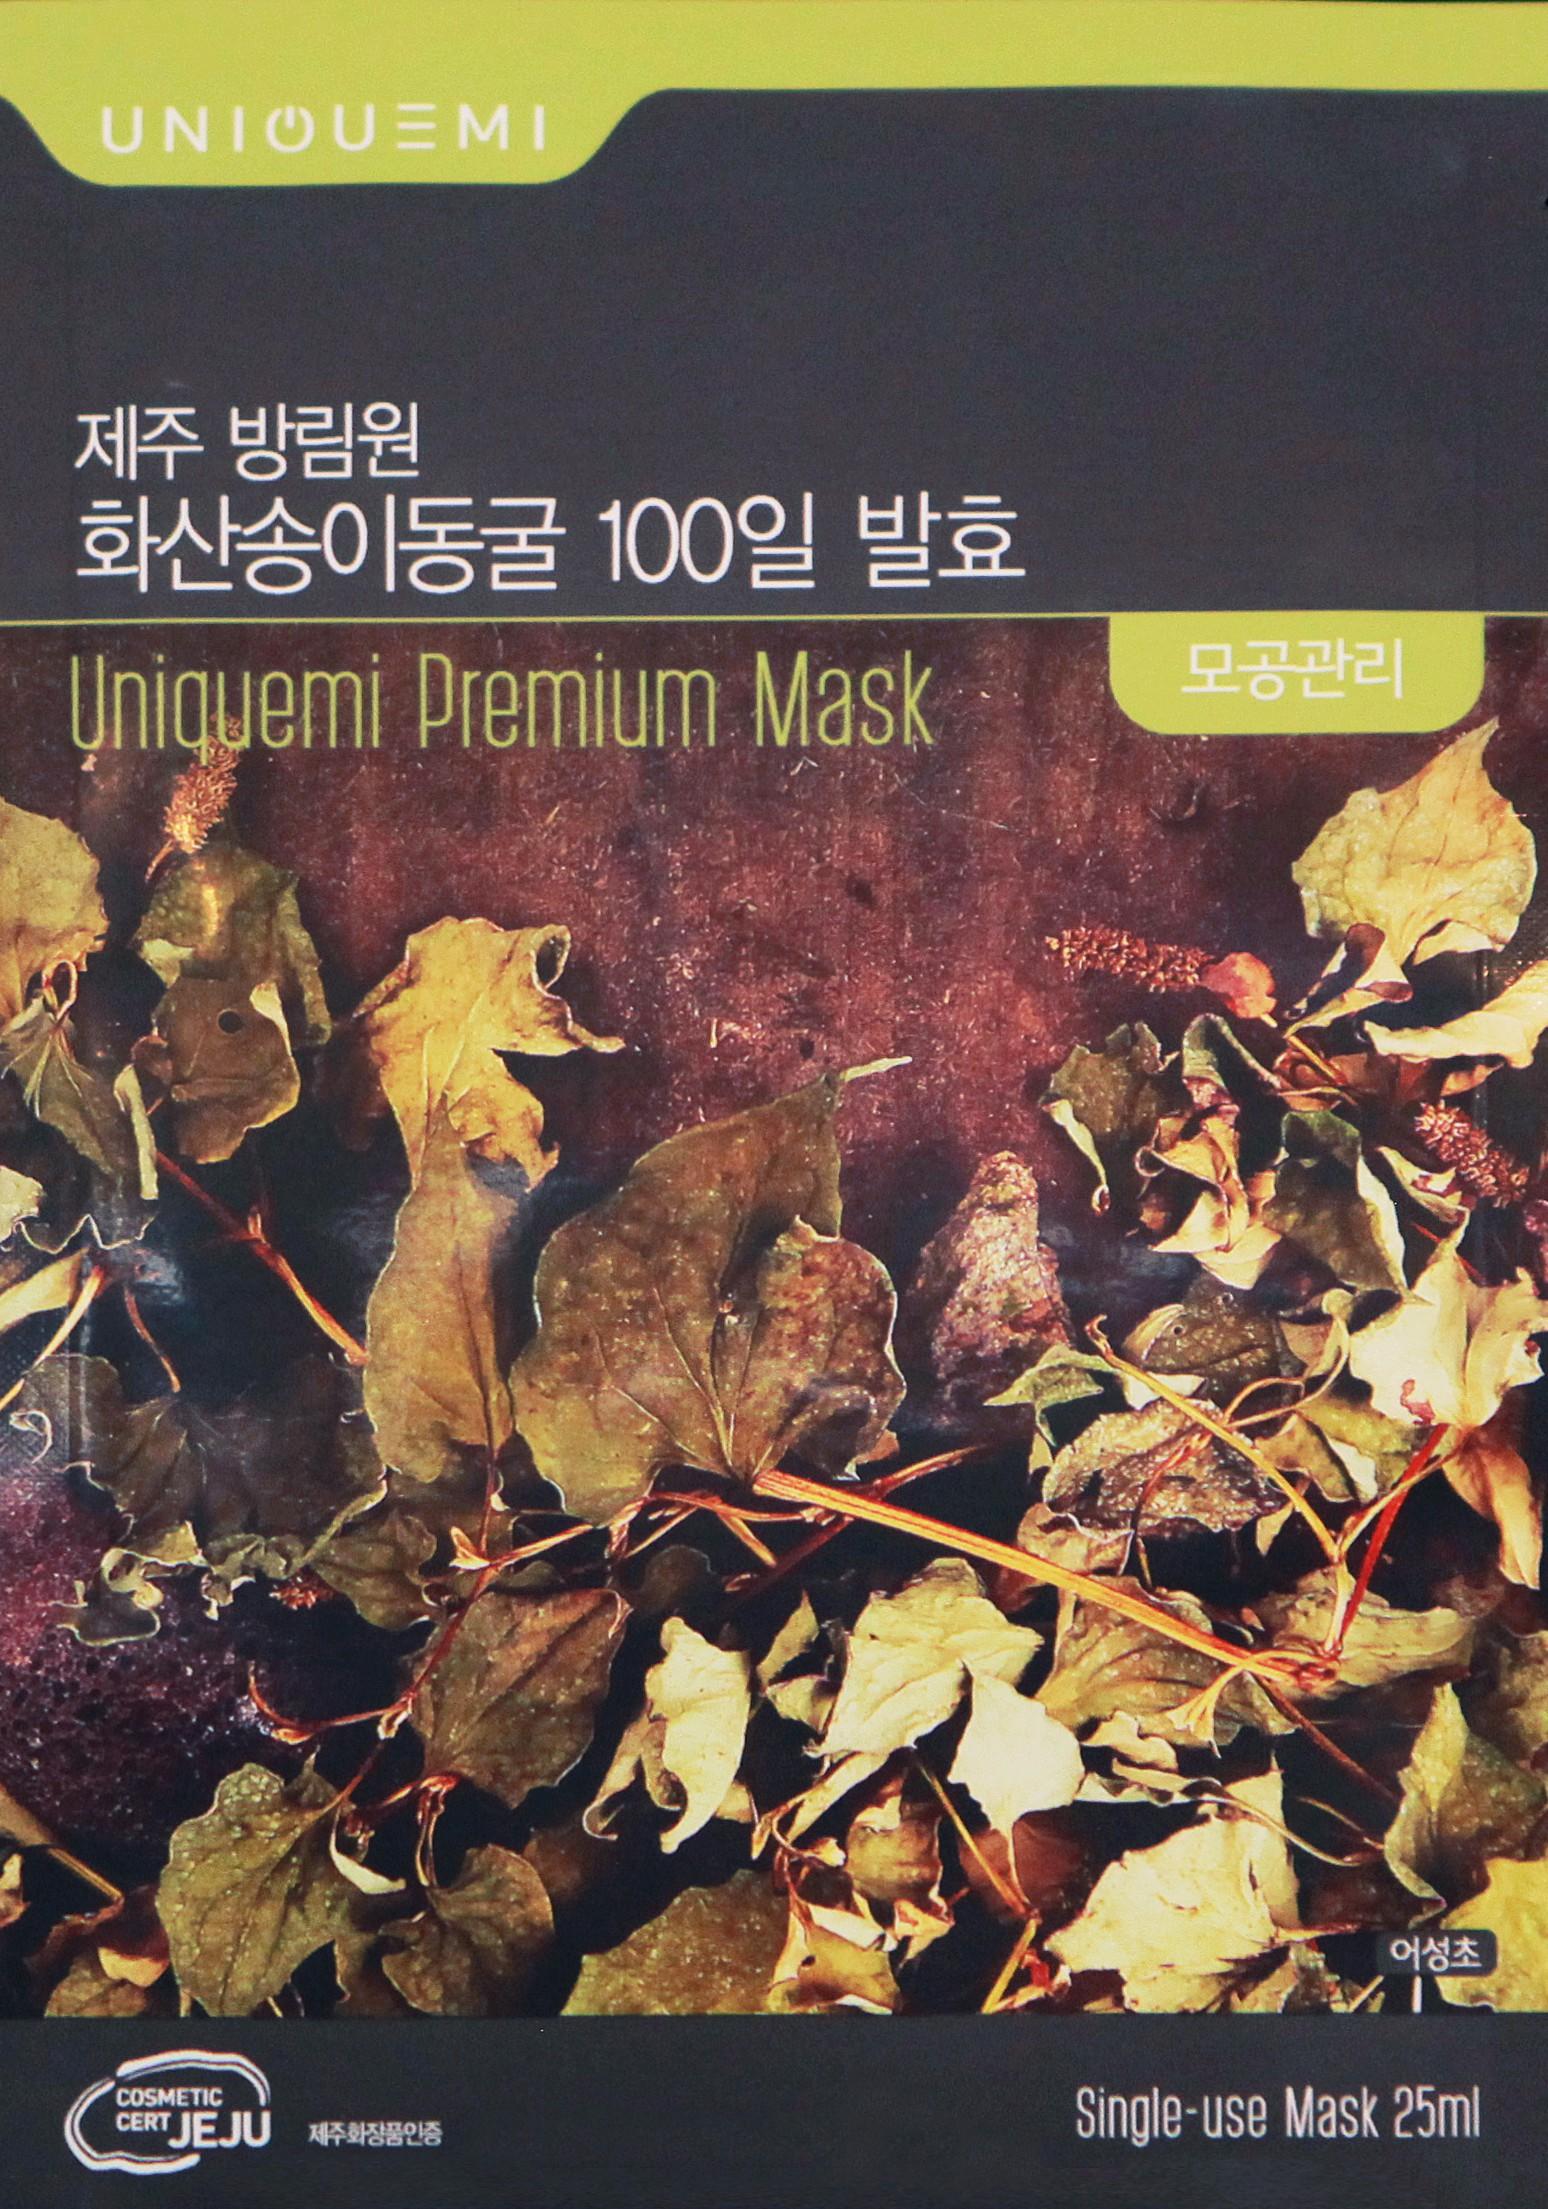 картинка Маска тканевая для лица (для сужения пор)/uniquemi premium mask от магазина Одежда+